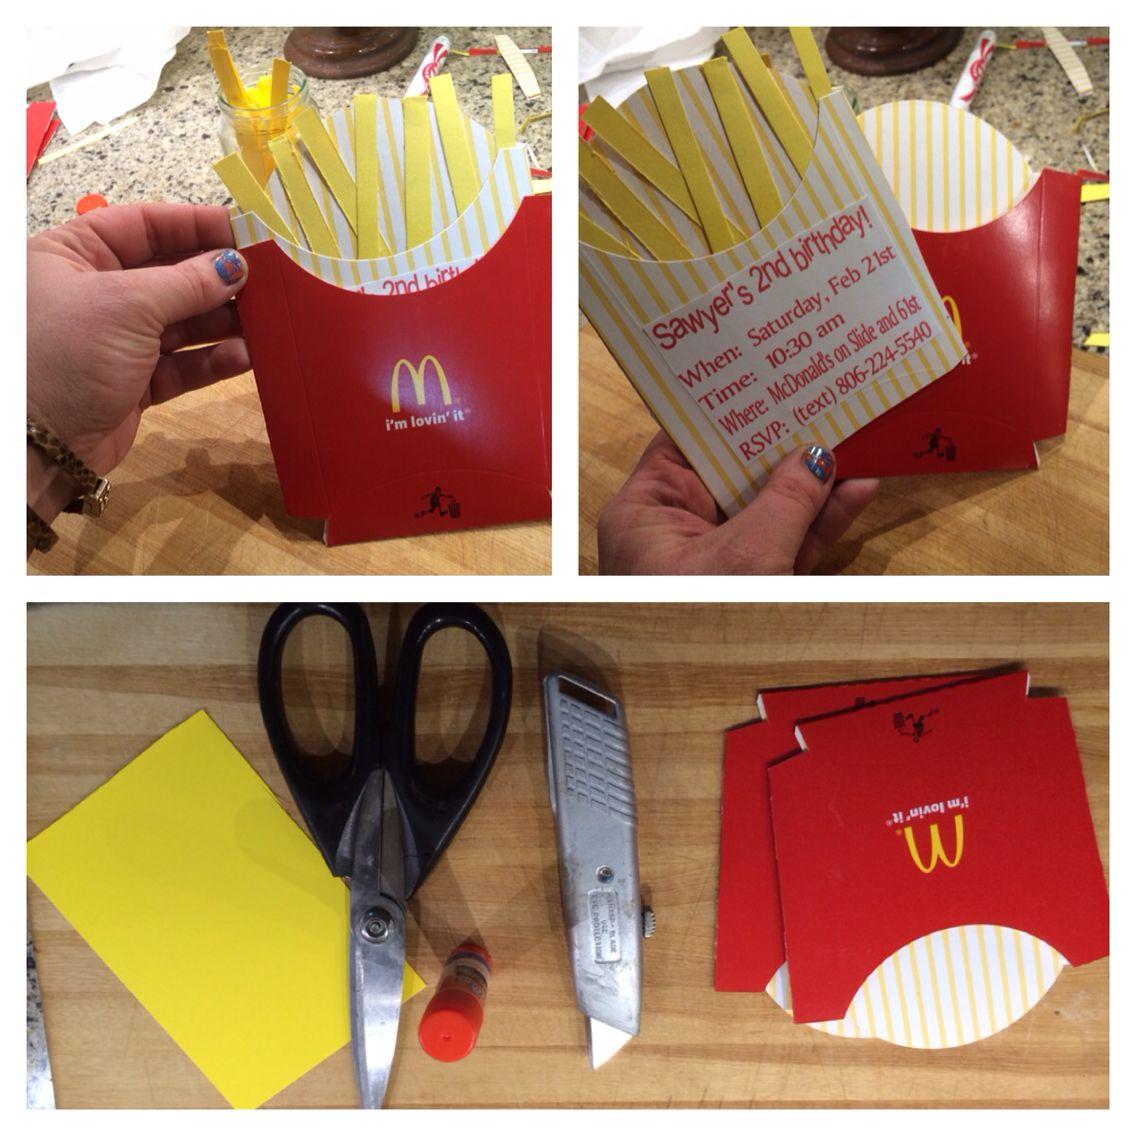 diy Mcdonalds birthday party invitations for 2nd birthday. | Crafty ...